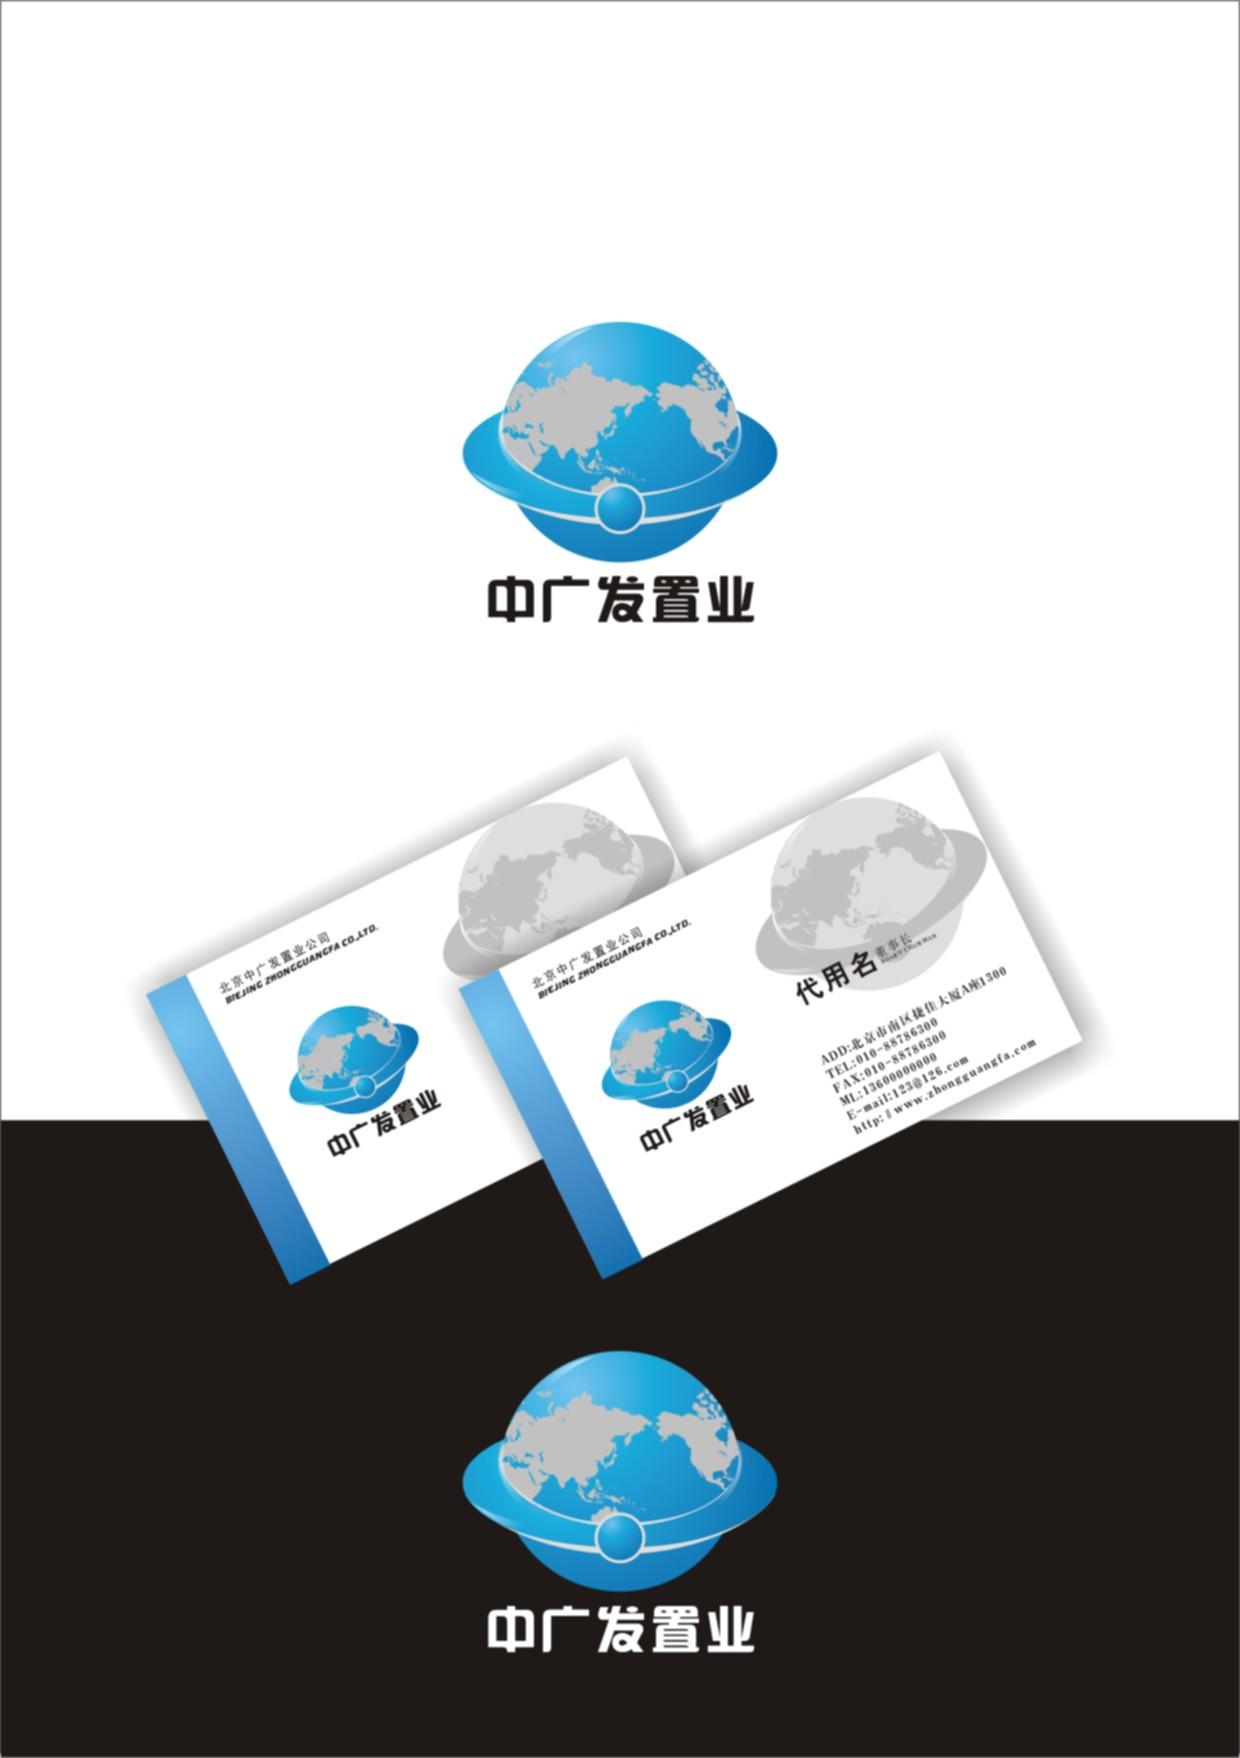 中广发置业公司logo/名片设计(延期)- 稿件[#1108594]